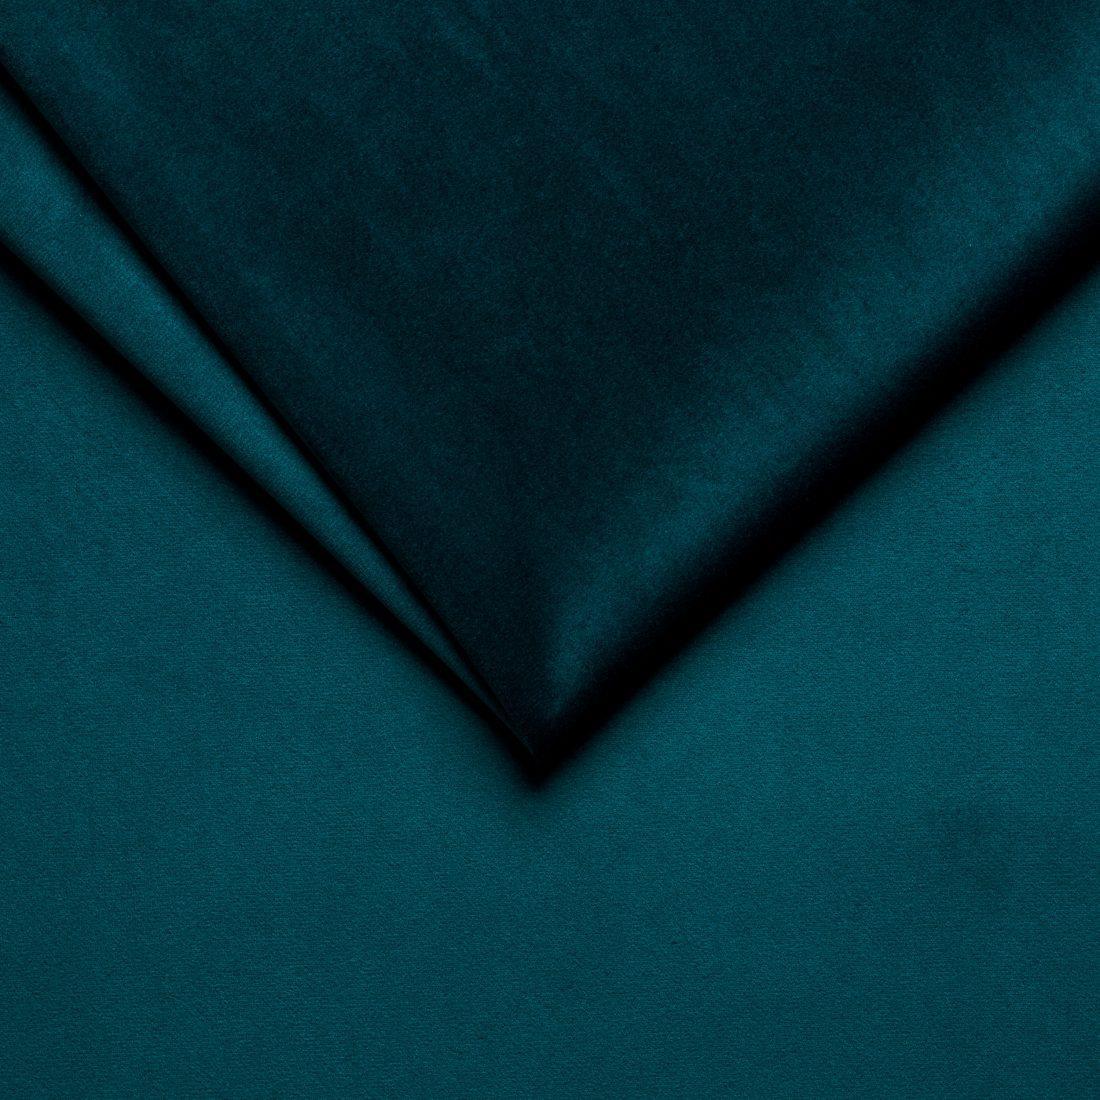 Мебельная ткань Velluto 36 Peacock, велюр